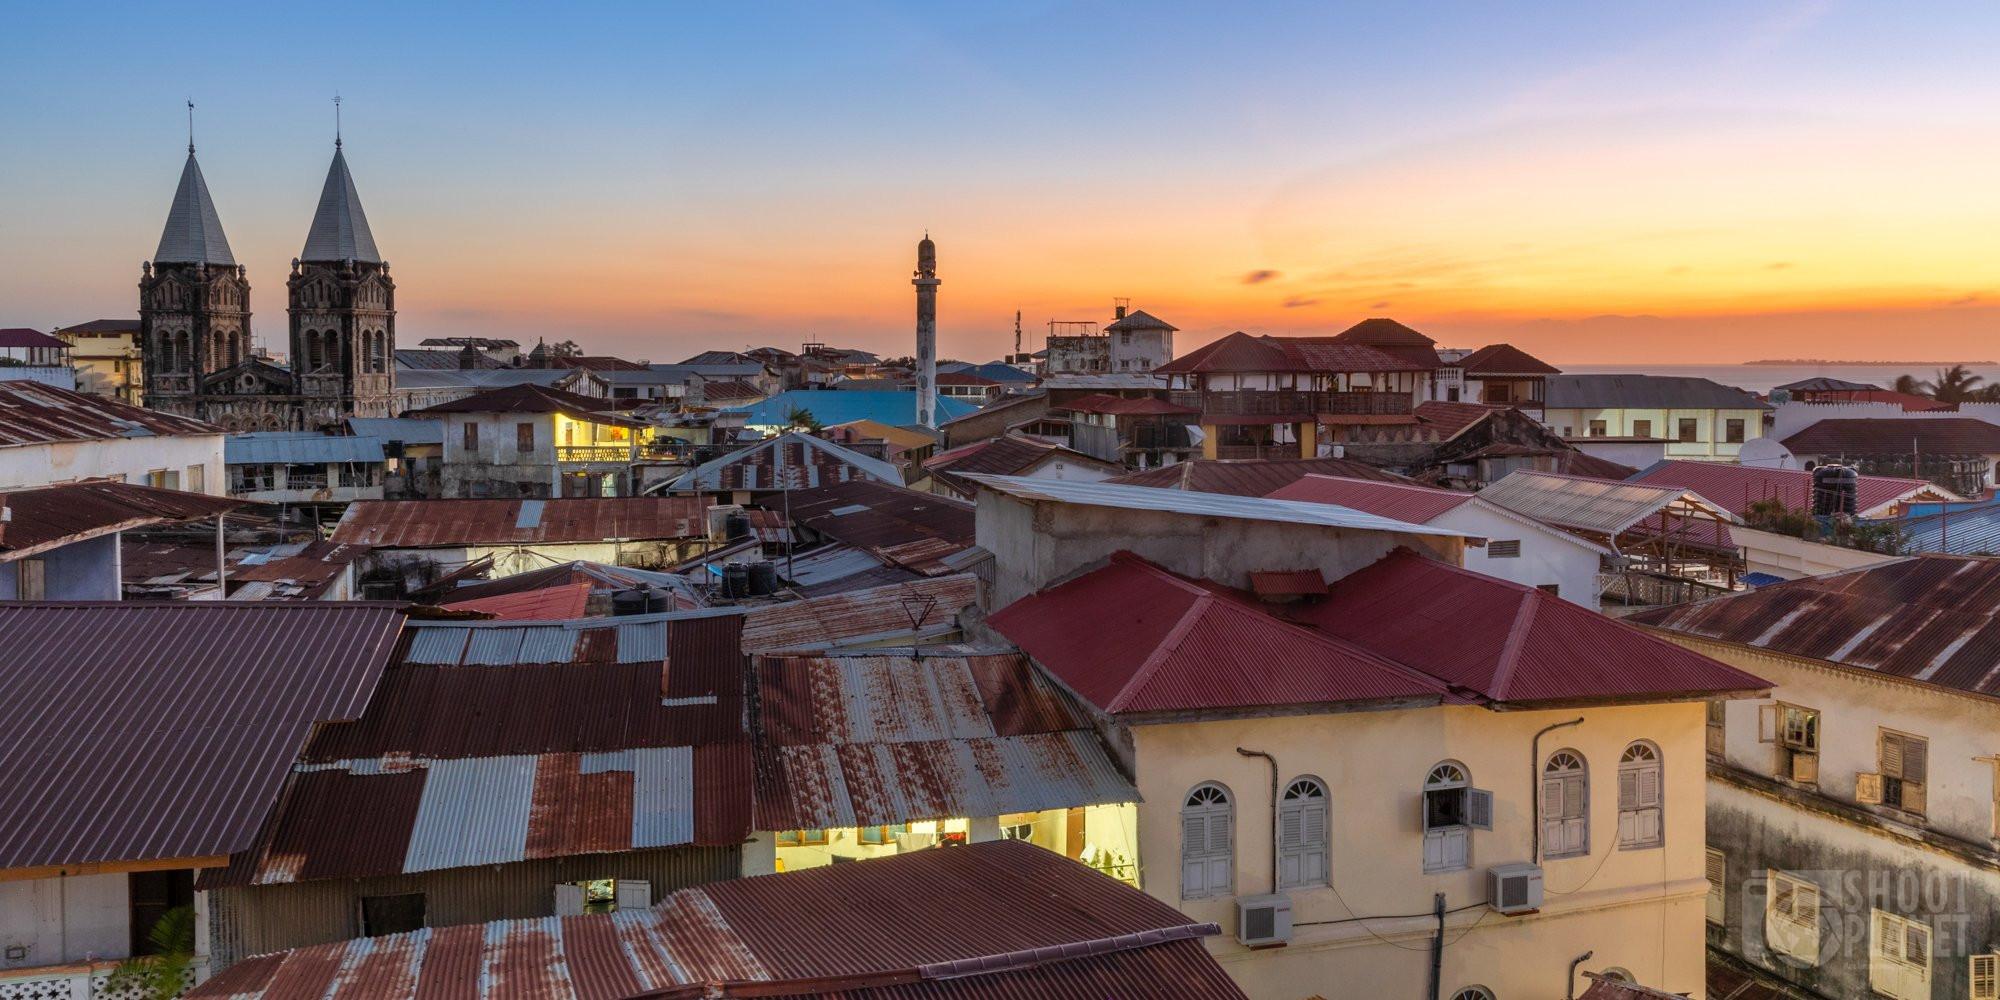 Stone town sunset skyline Zanzibar, Tanzania